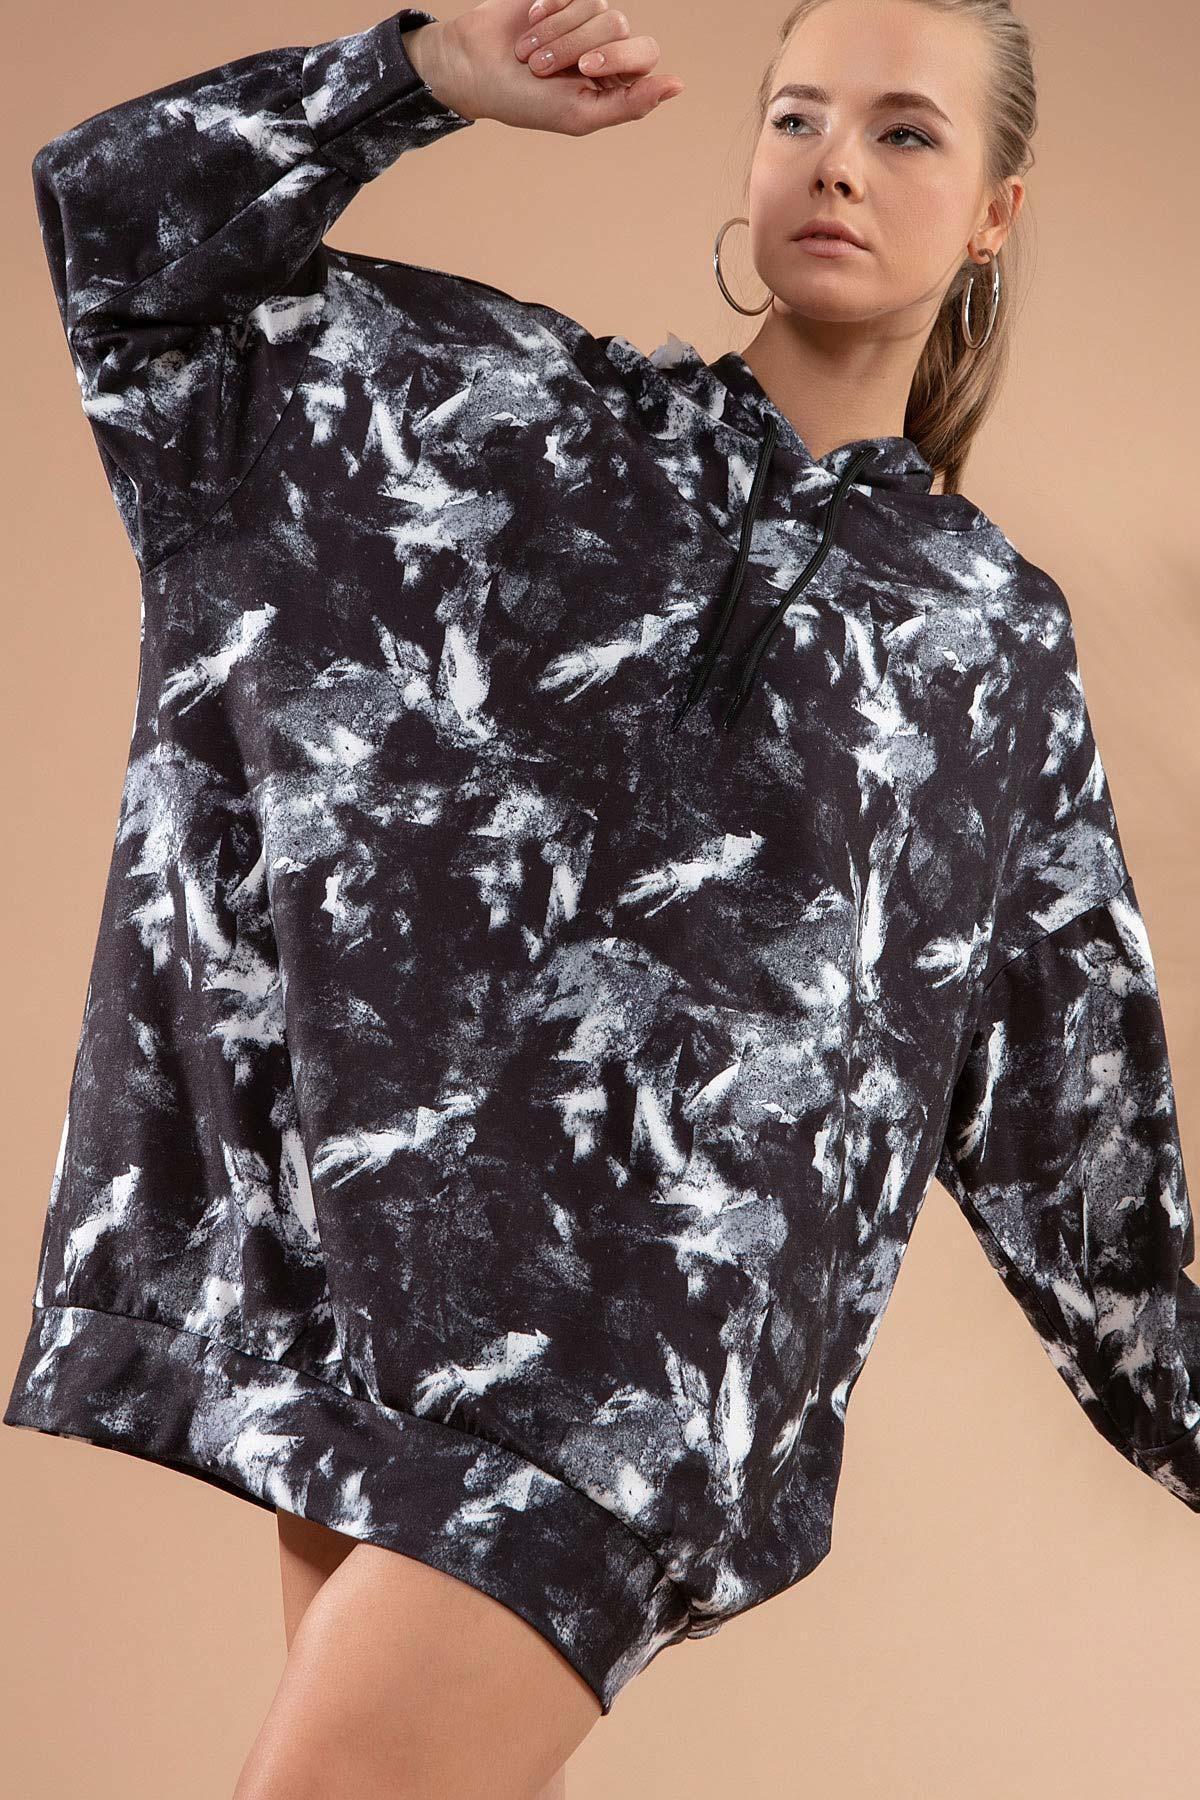 Y-London Kadın Siyah Baskılı Kapşonlu Sweatshirt Elbise P20w-4125-2 2